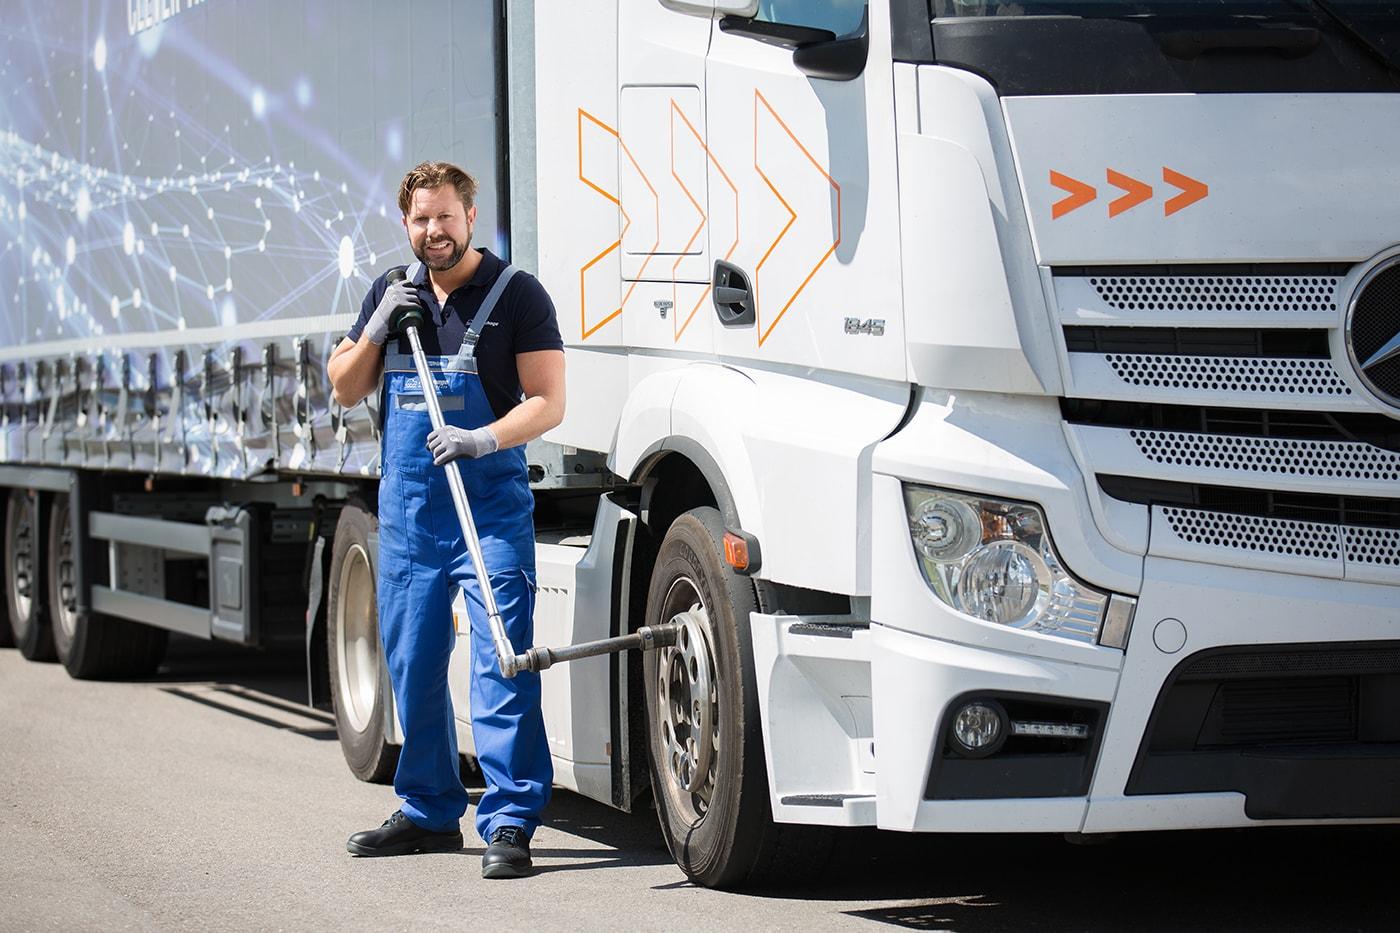 Reifenmonteur (m/w/d) im Mobilservice Schwerpunkt Nutzfahrzeugmontage